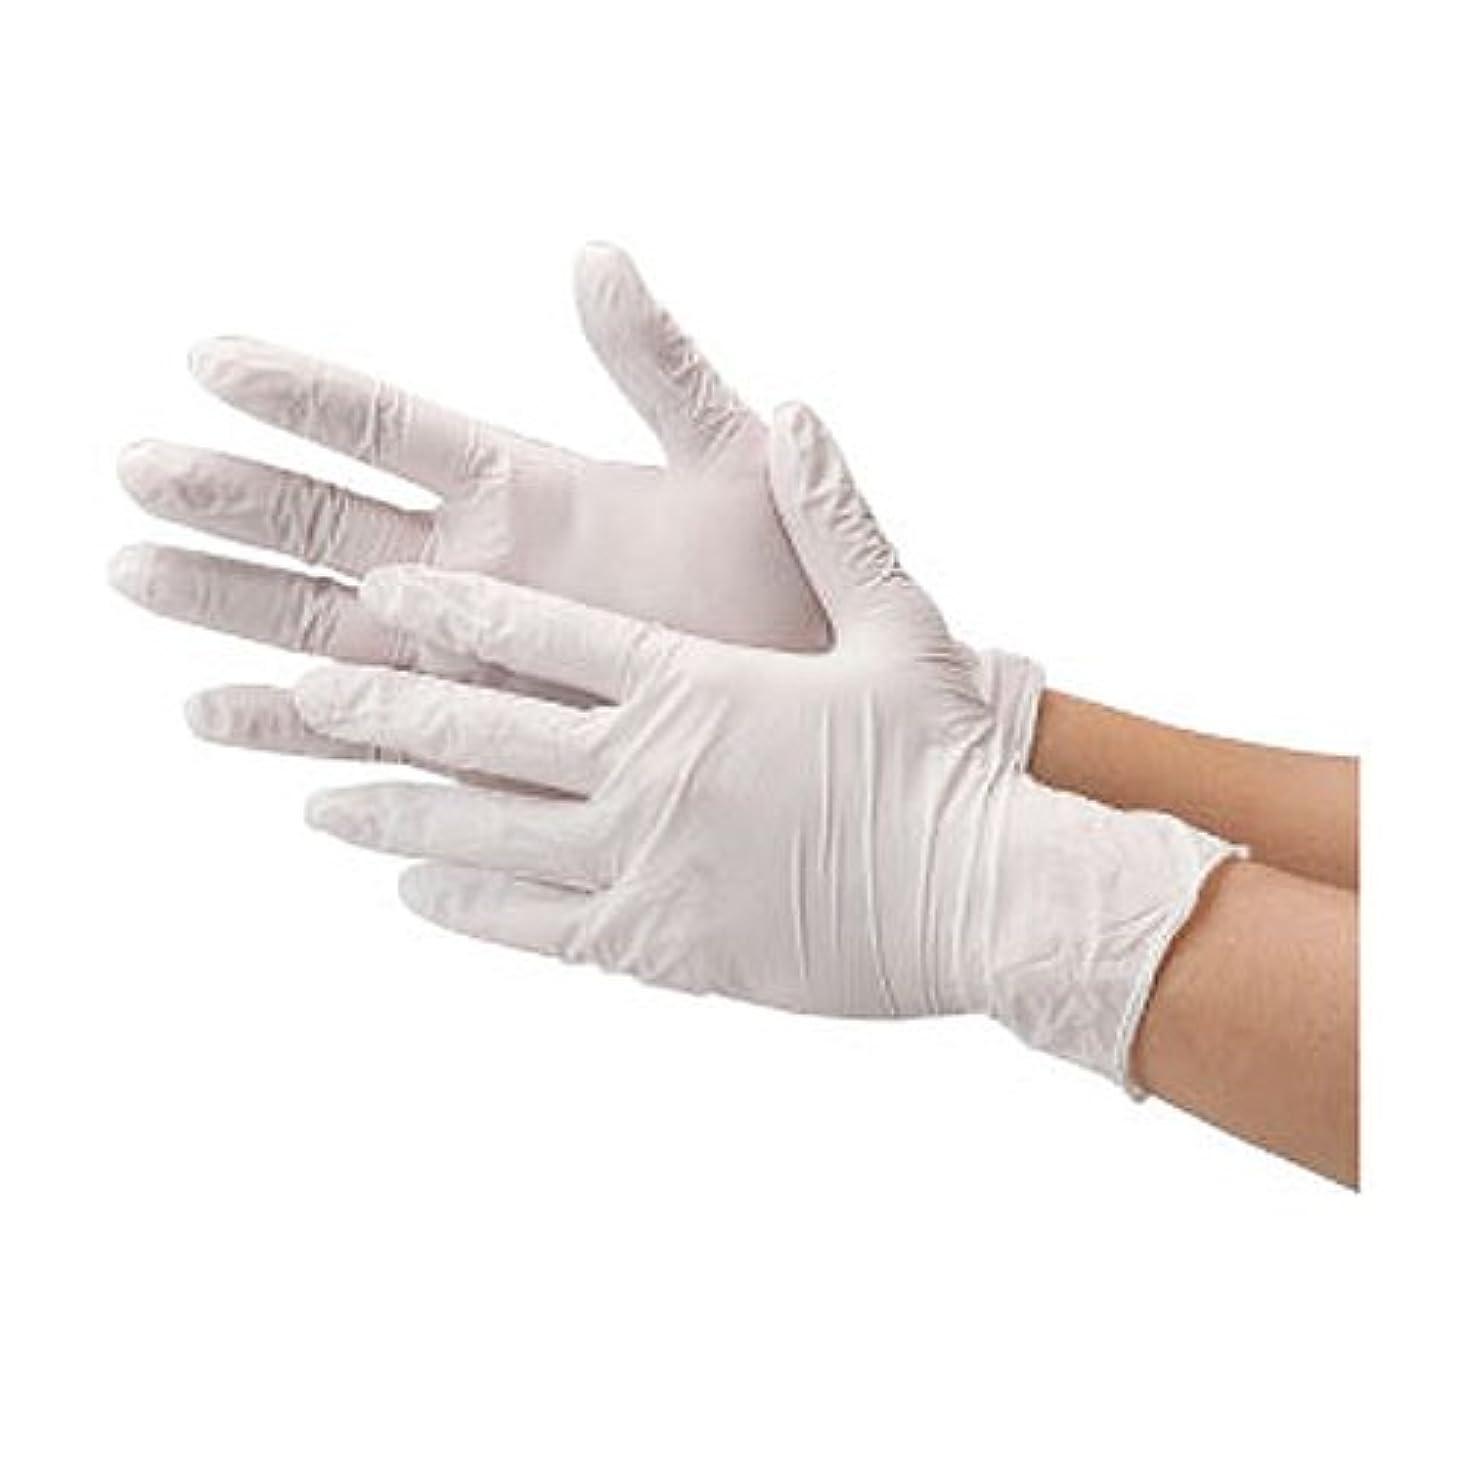 抹消内陸組み合わせ川西工業 ニトリル 使いきり手袋 ストロング 粉無 100枚入り 2037 ホワイトM